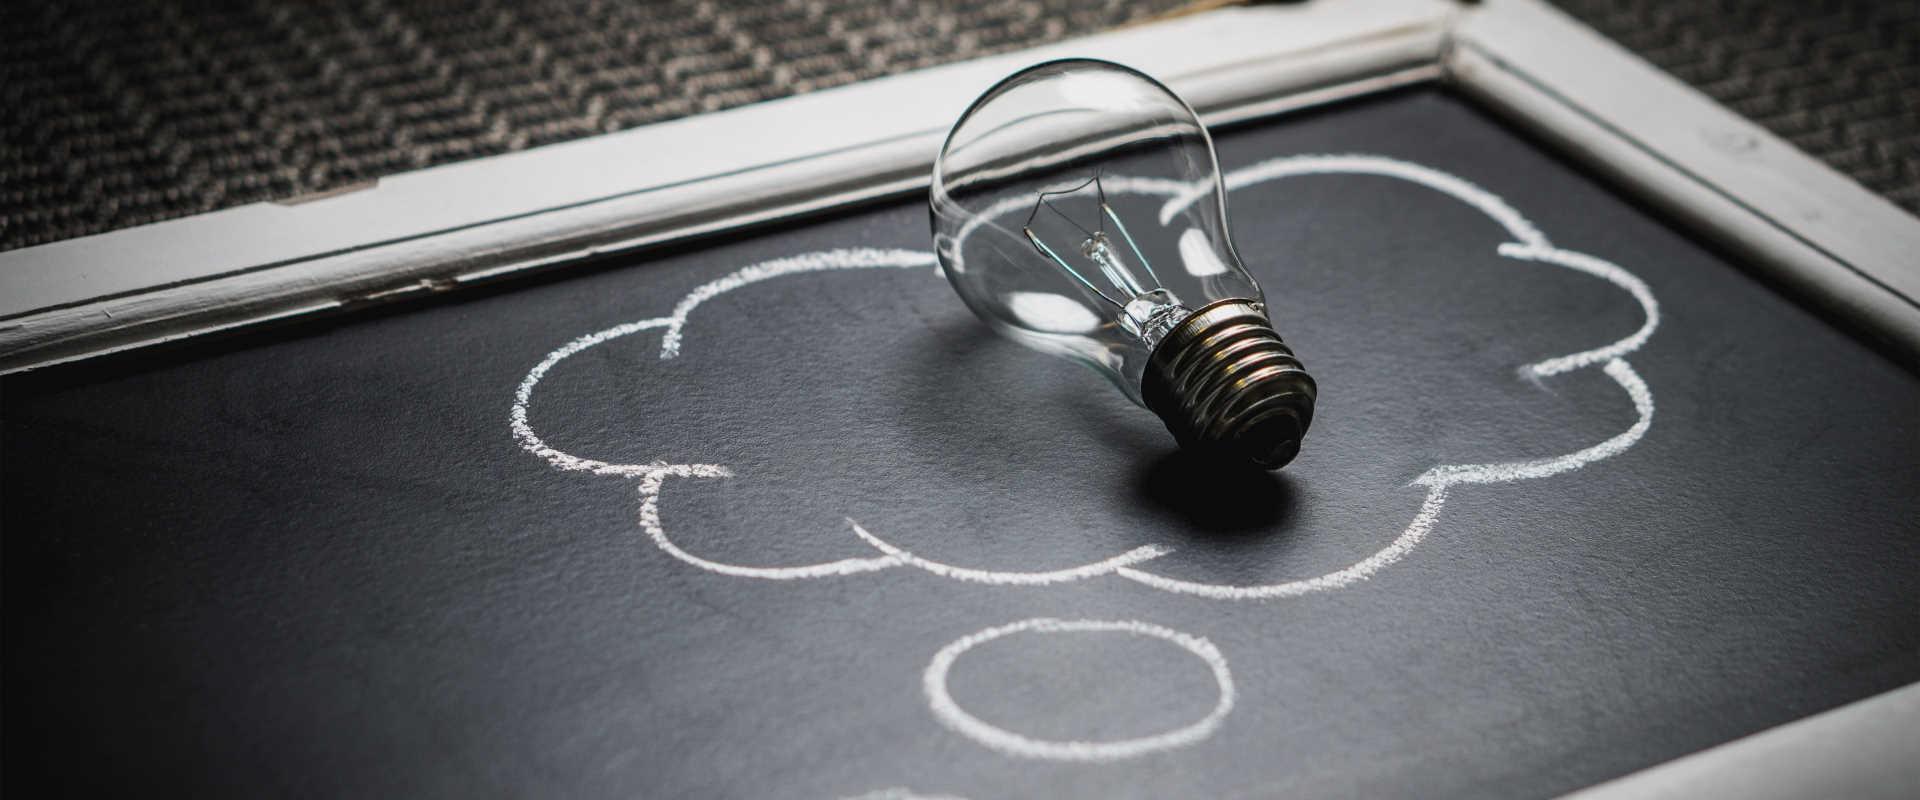 i? - Impulse, Inspiration, Innovation